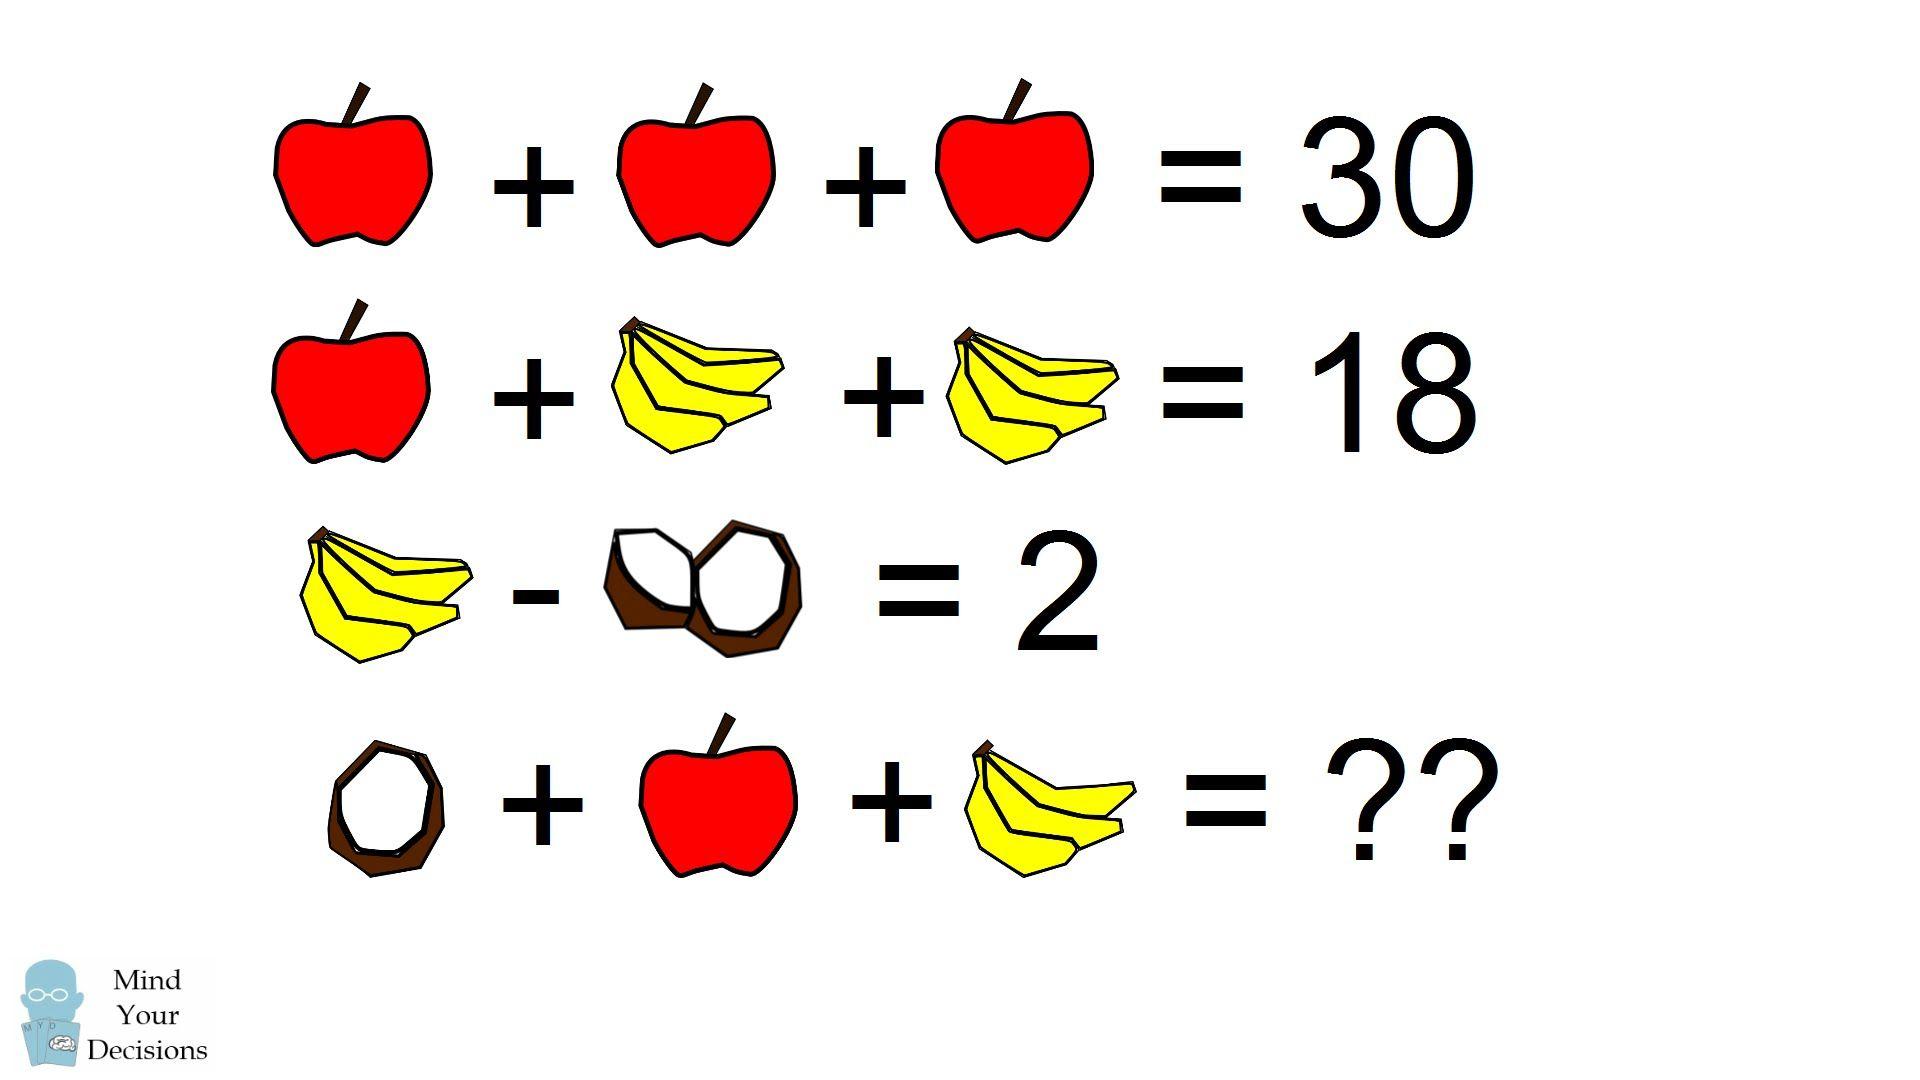 прекрасно задачка в картинках на логику с бананом и часами итог